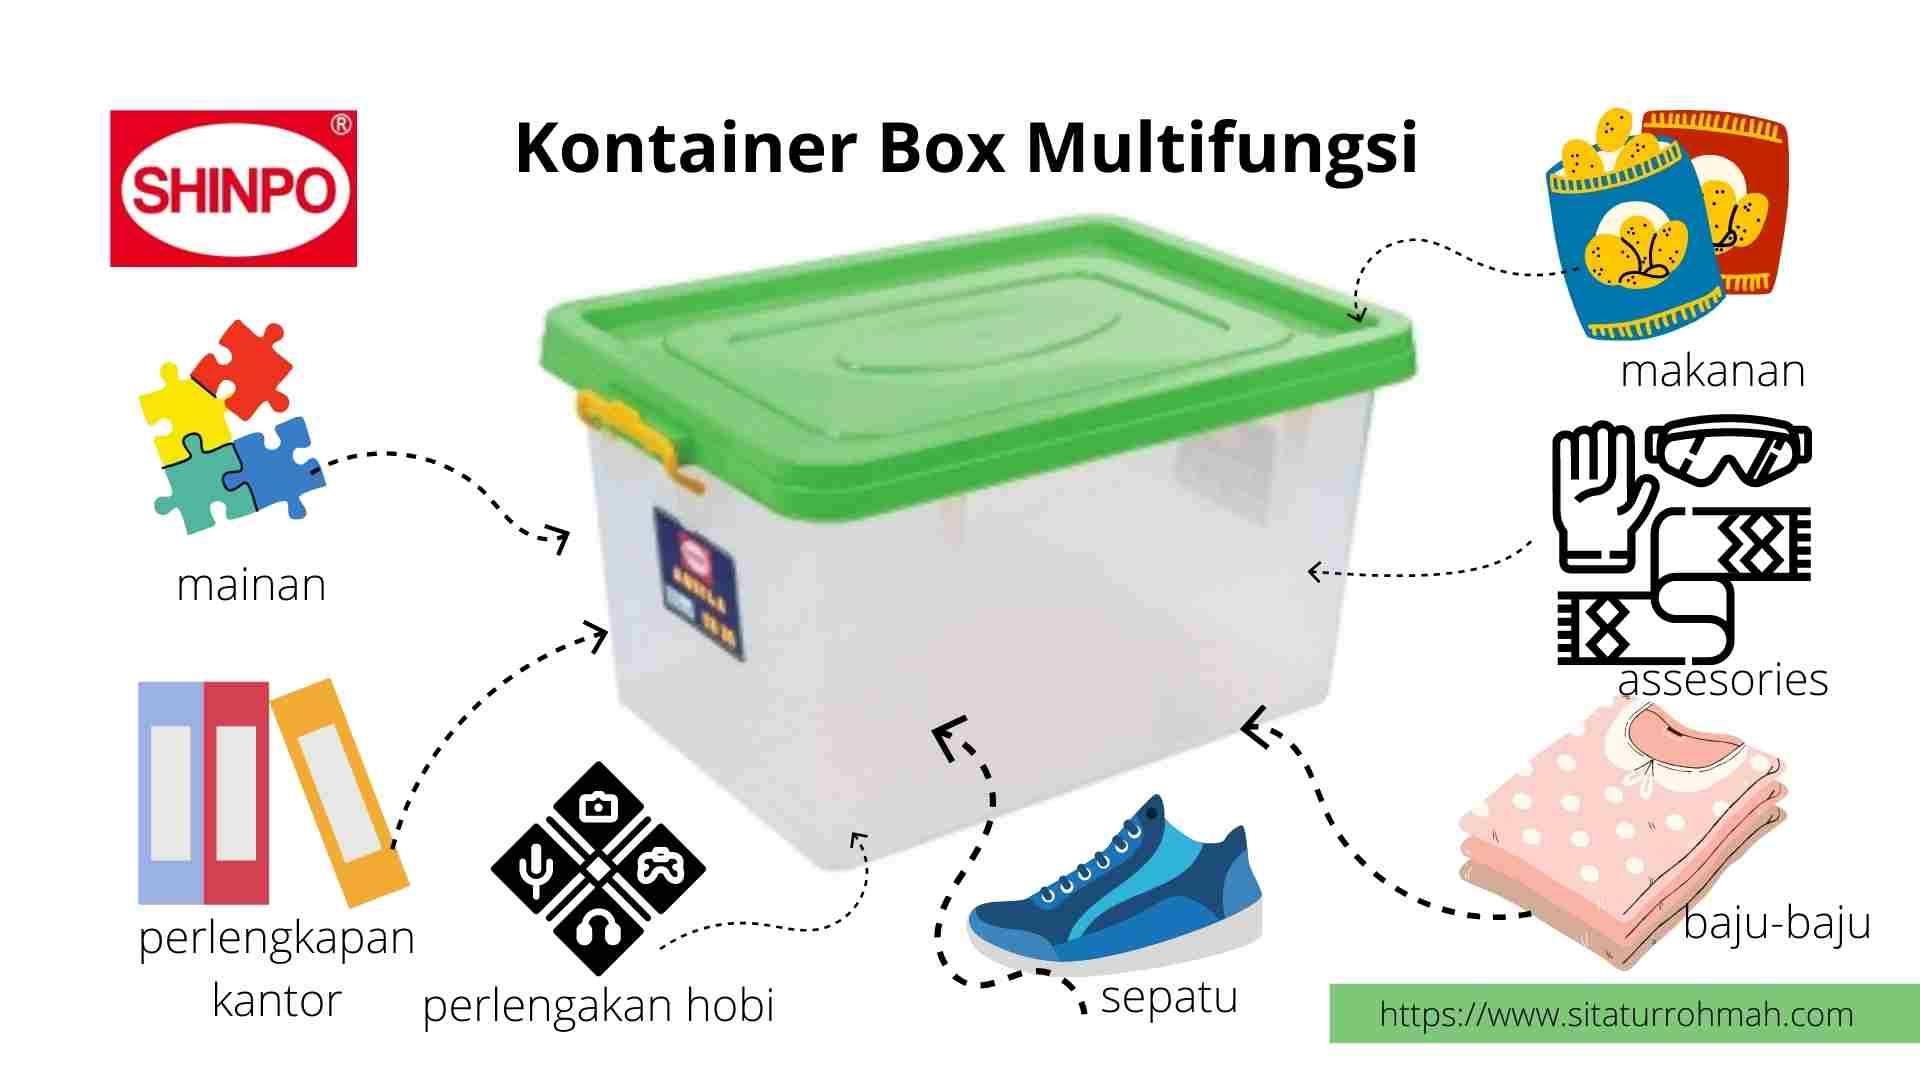 cara menata kamar tidur ukuran 3x3 dengan box container